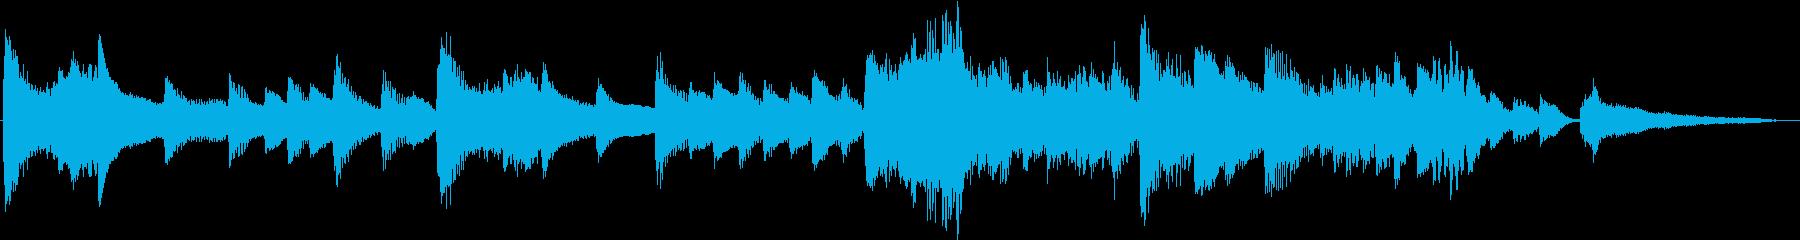 しっとりと和音がコロコロと変わります。の再生済みの波形